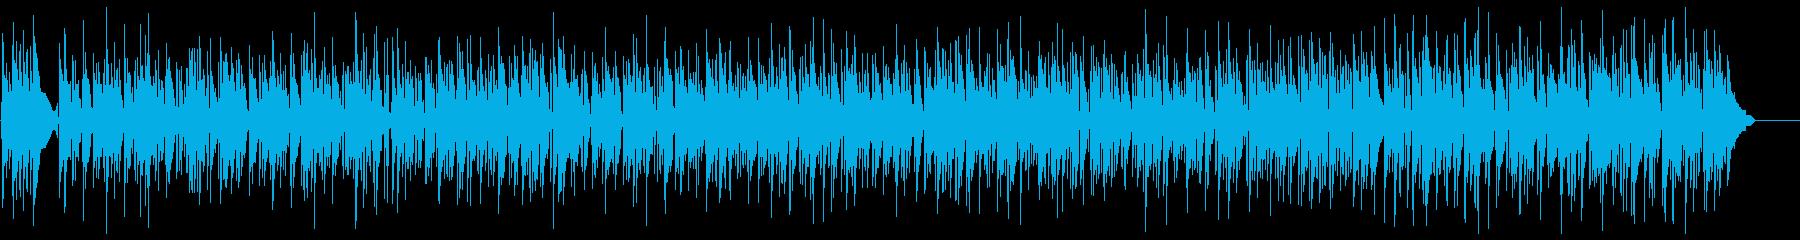 アダルトでムーディなピアノジャズの再生済みの波形